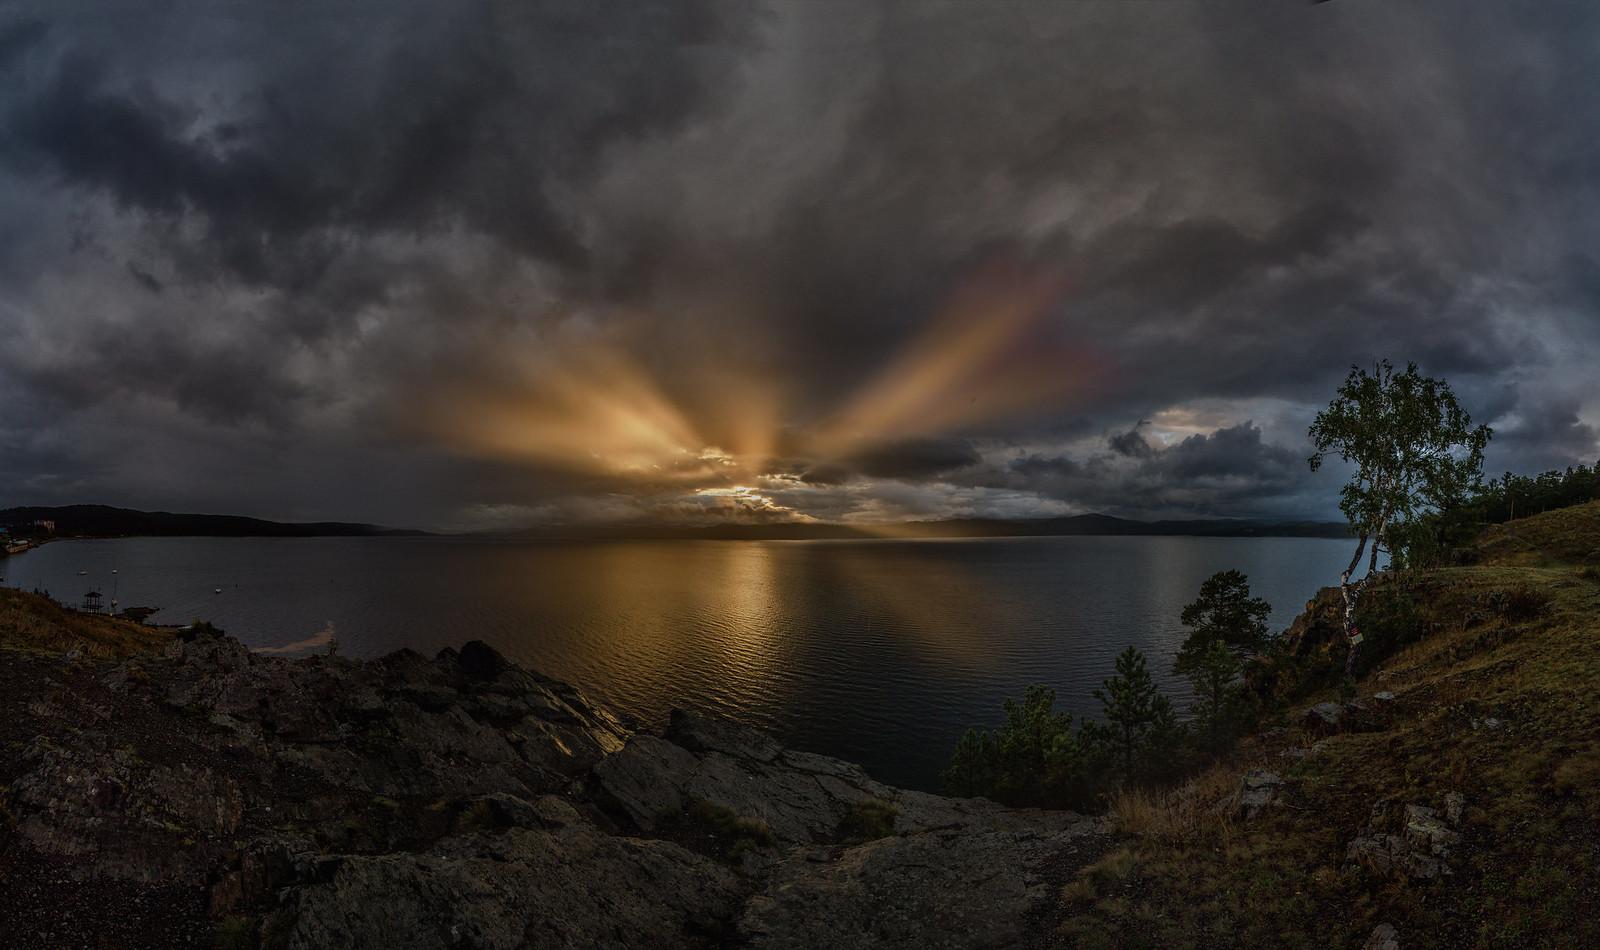 пейзаж, закат, Озеро Тургояк - фотограф Челябинск